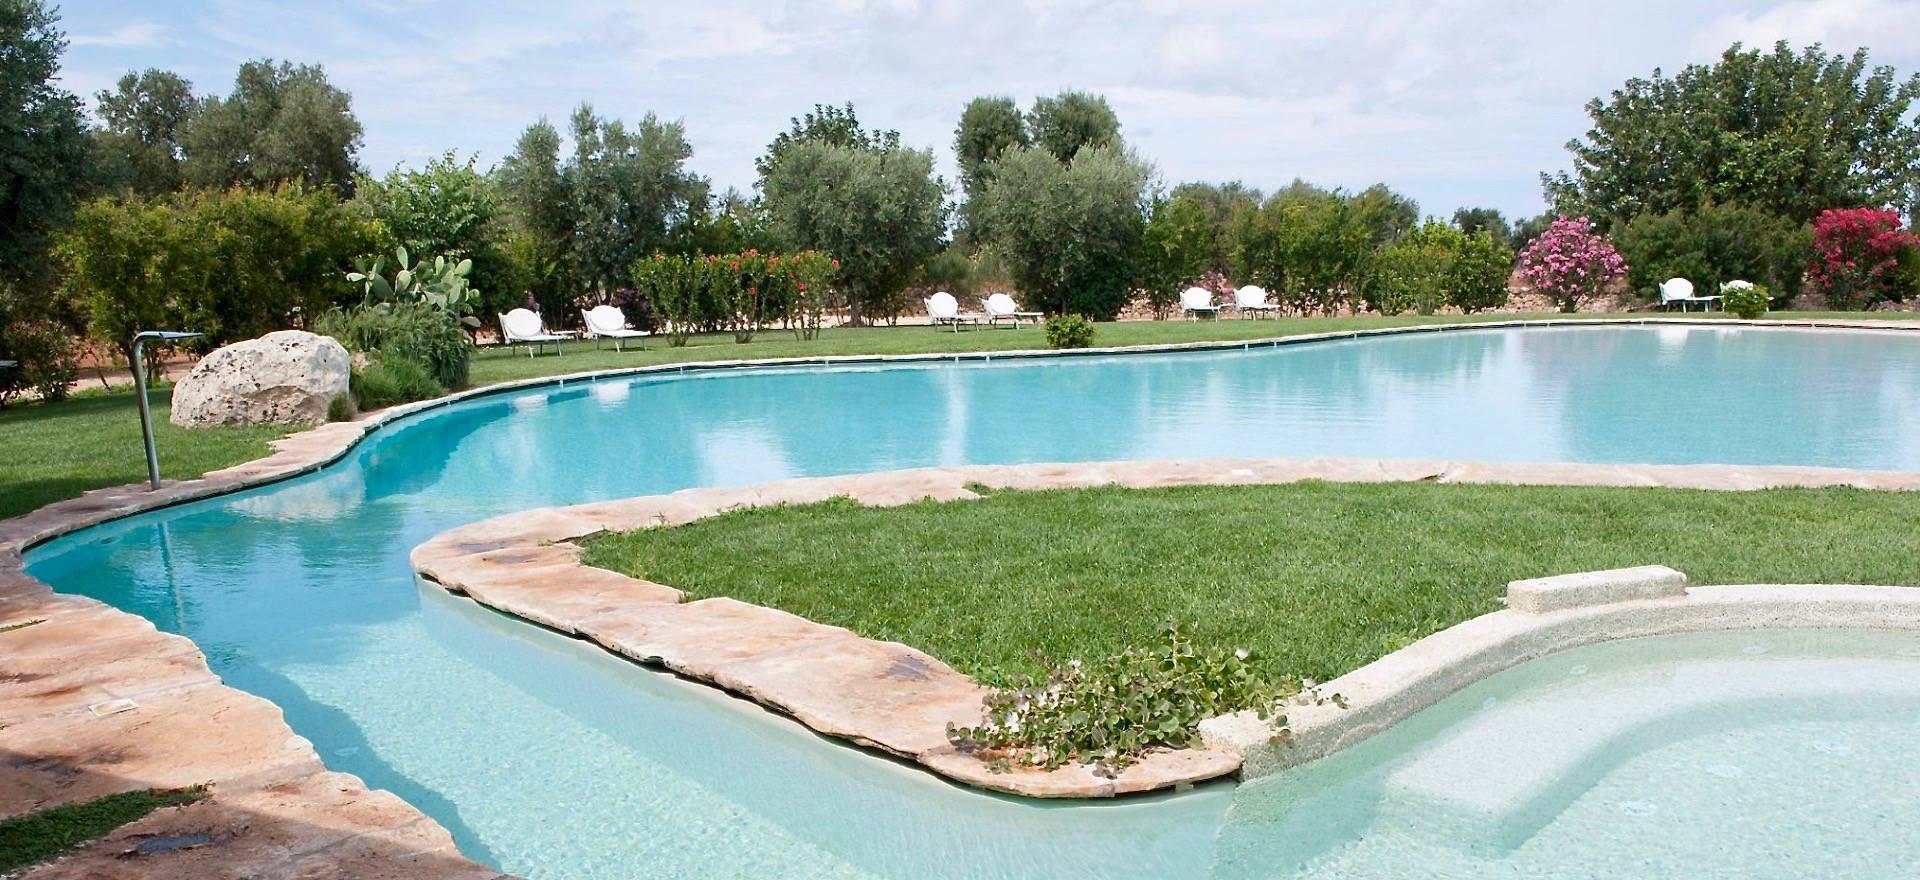 Luxe agriturismo met groot zwembad, vlakbij zee